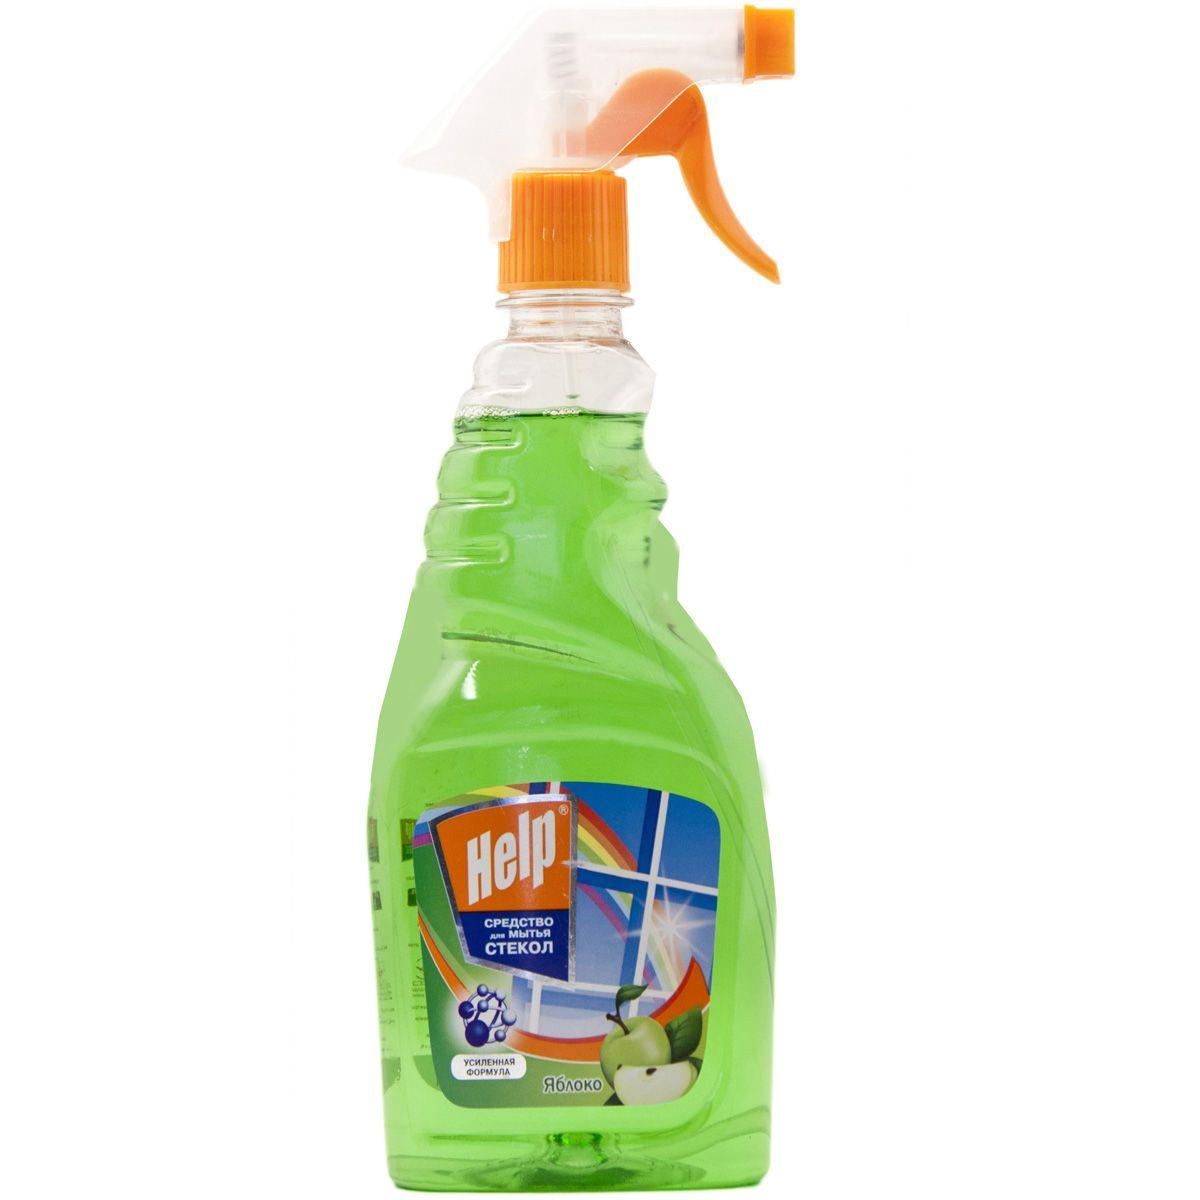 Средство для мытья стекол Help Яблоко, 750 мл4605845000718Средство для мытья стекол Help Яблоко- это эффективное средство для мытья стекол, окон, зеркал. Удаляет пятна. Смывает грязь, следы от пальцев.Защищает от пыли и придает блеск. Не оставляет разводов.